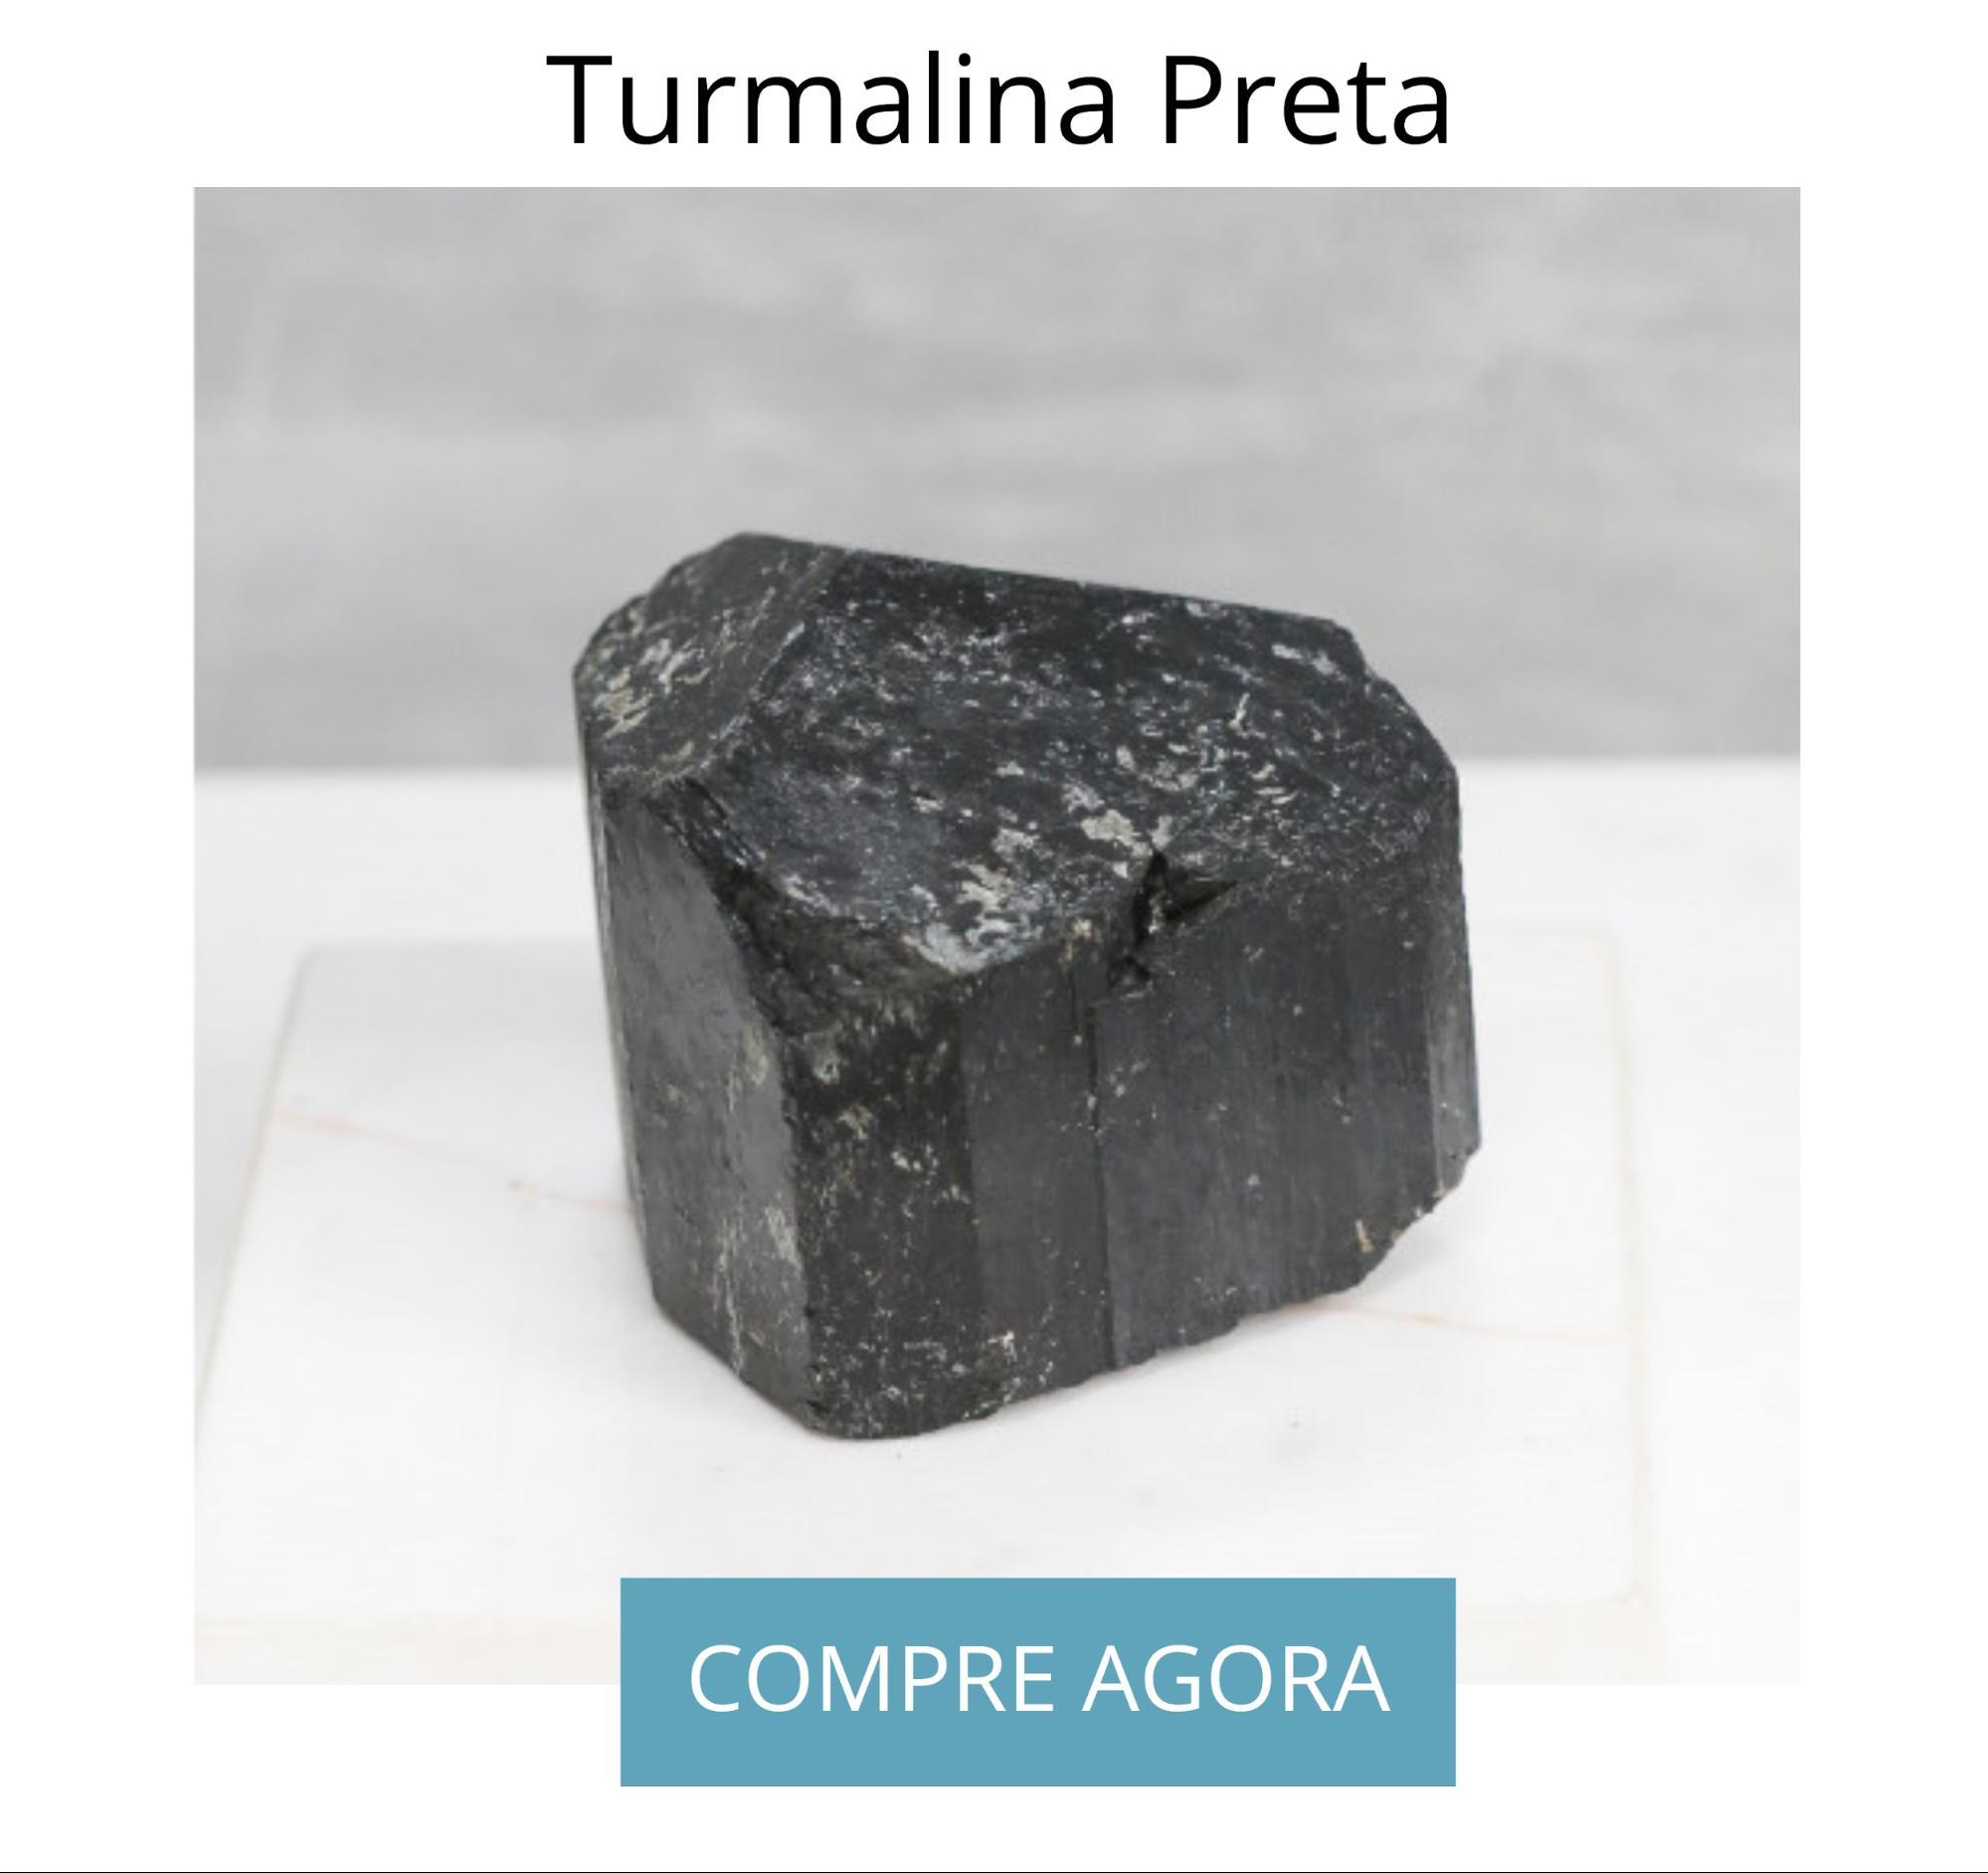 dicas-de-meditacao-turmalina-preta